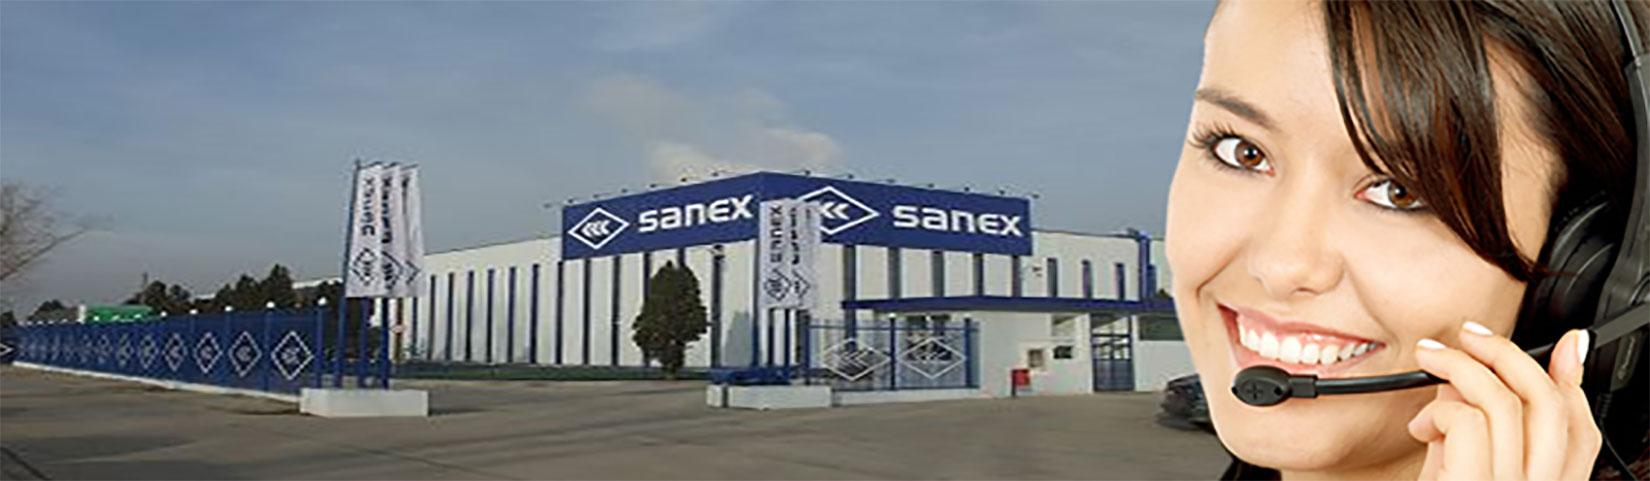 sanex-ofis3